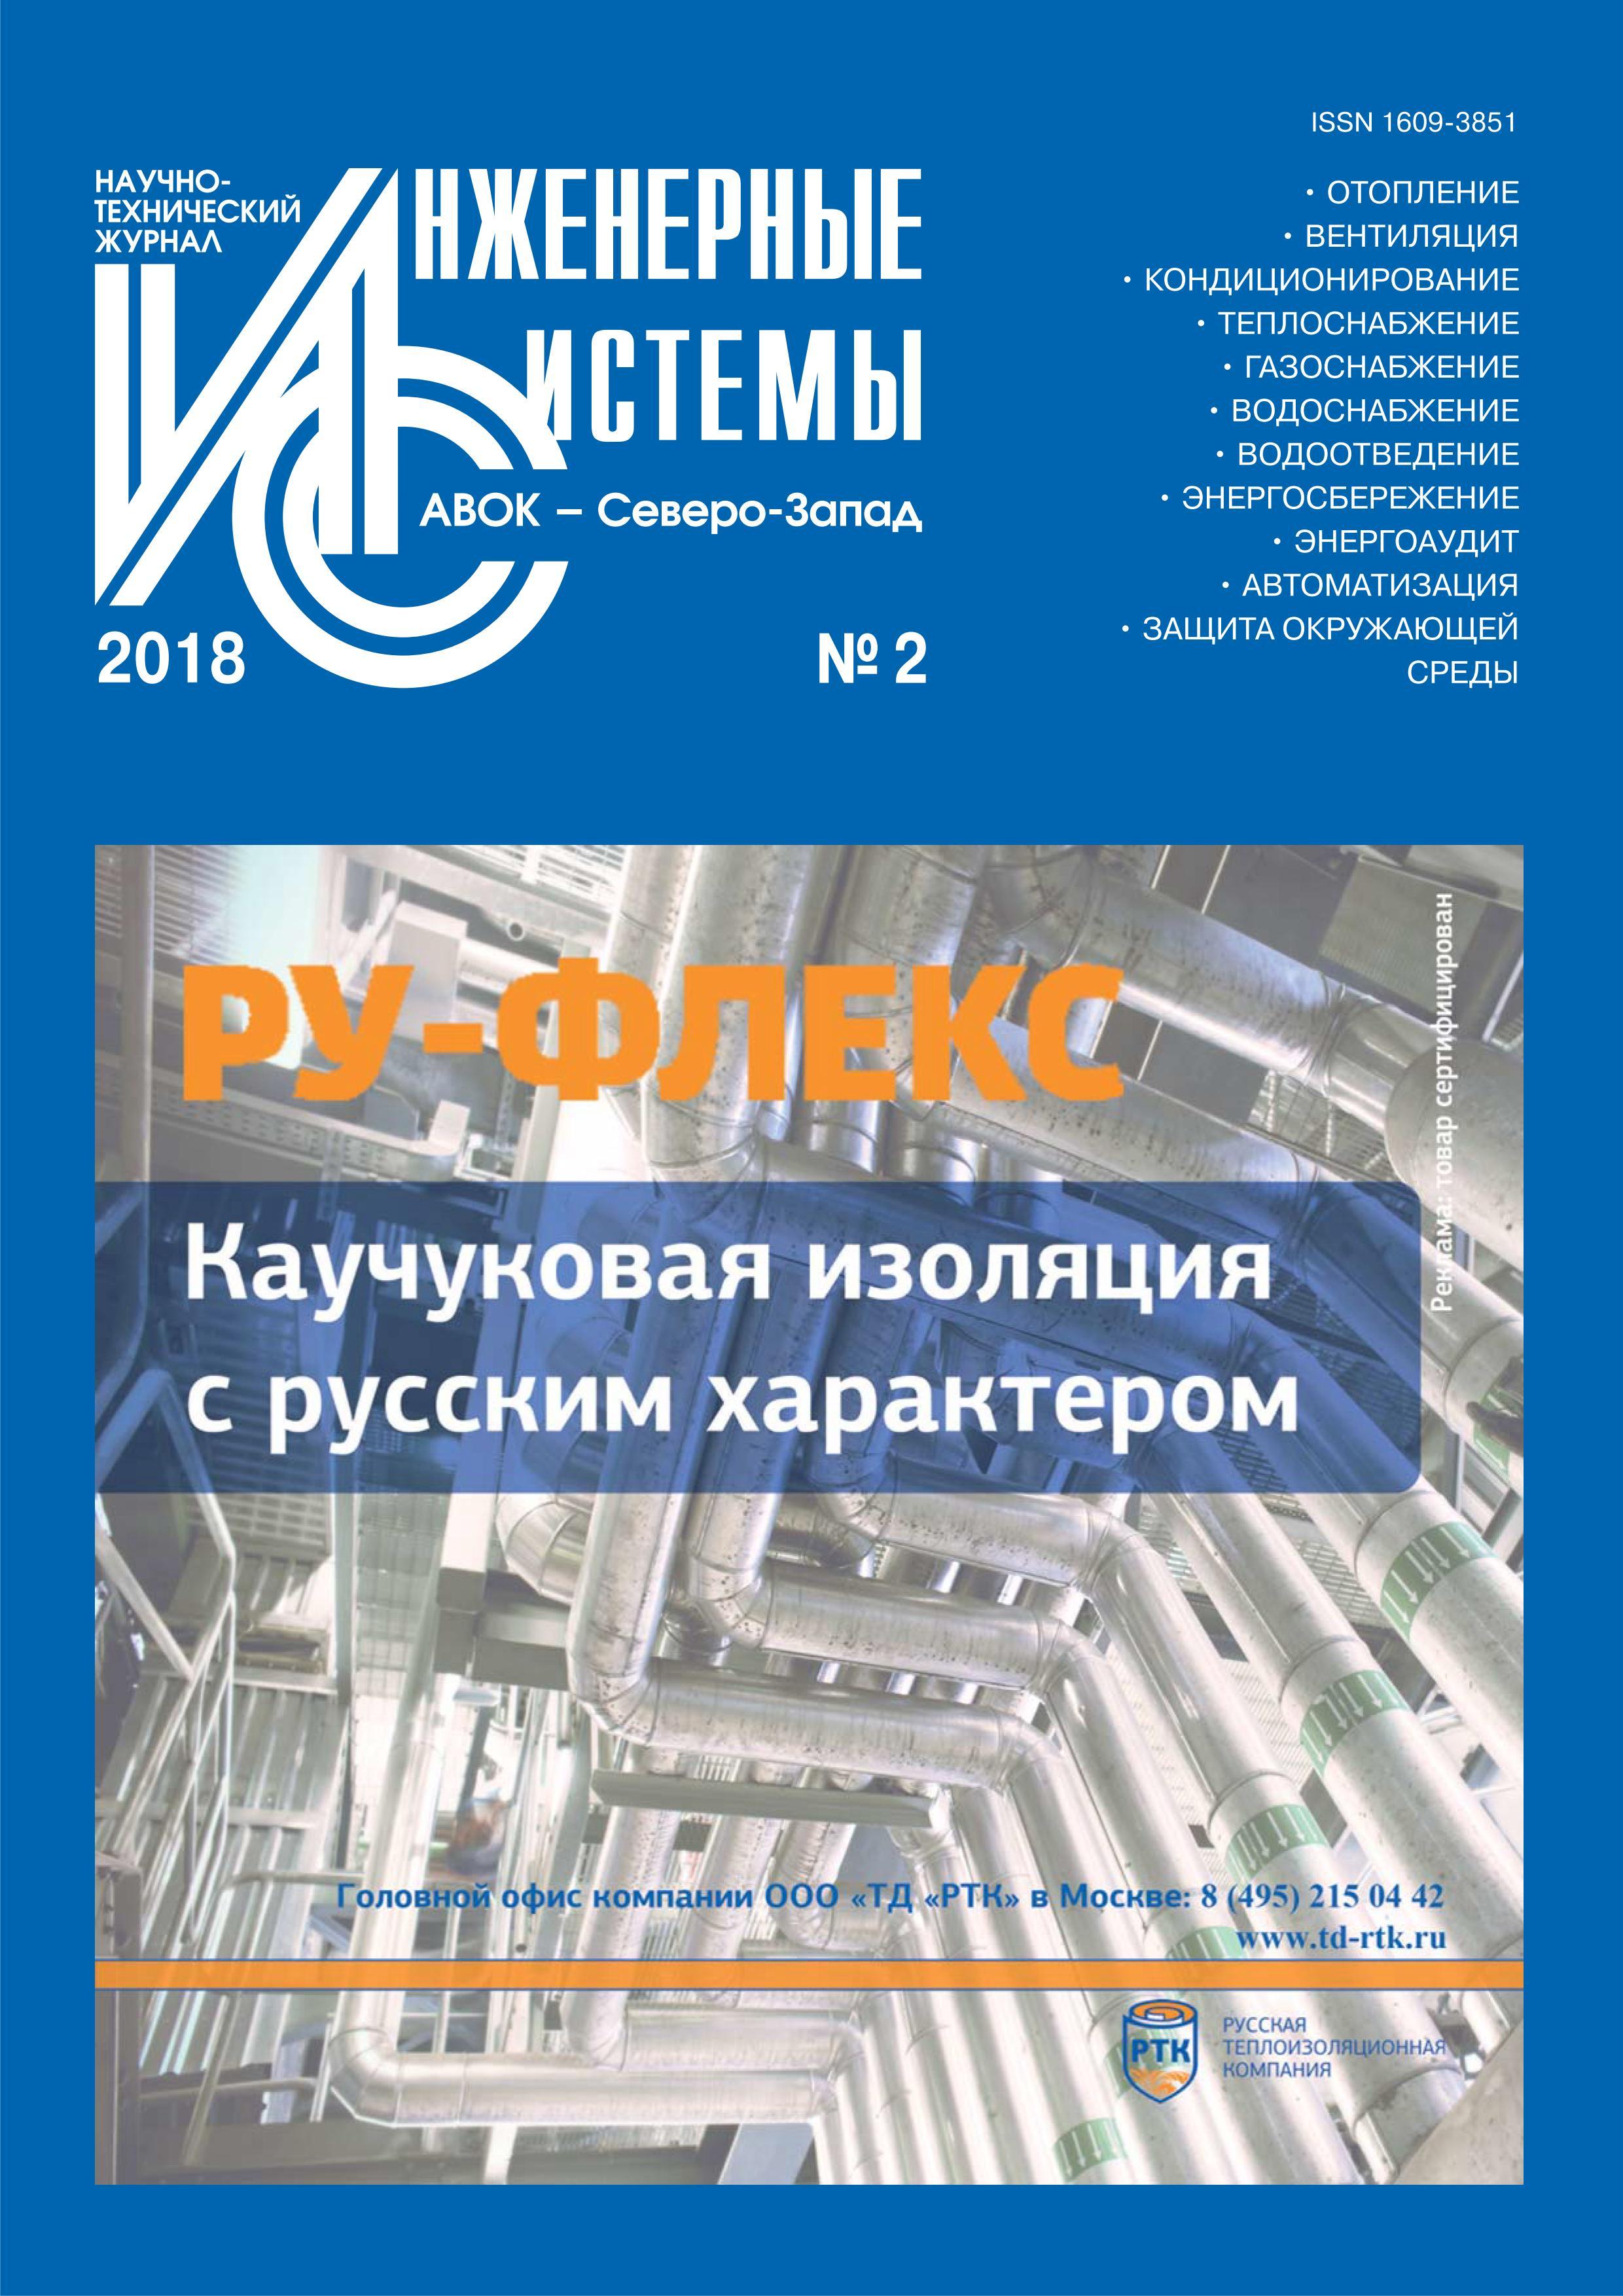 Sro inžinierske systémy Petrohrad